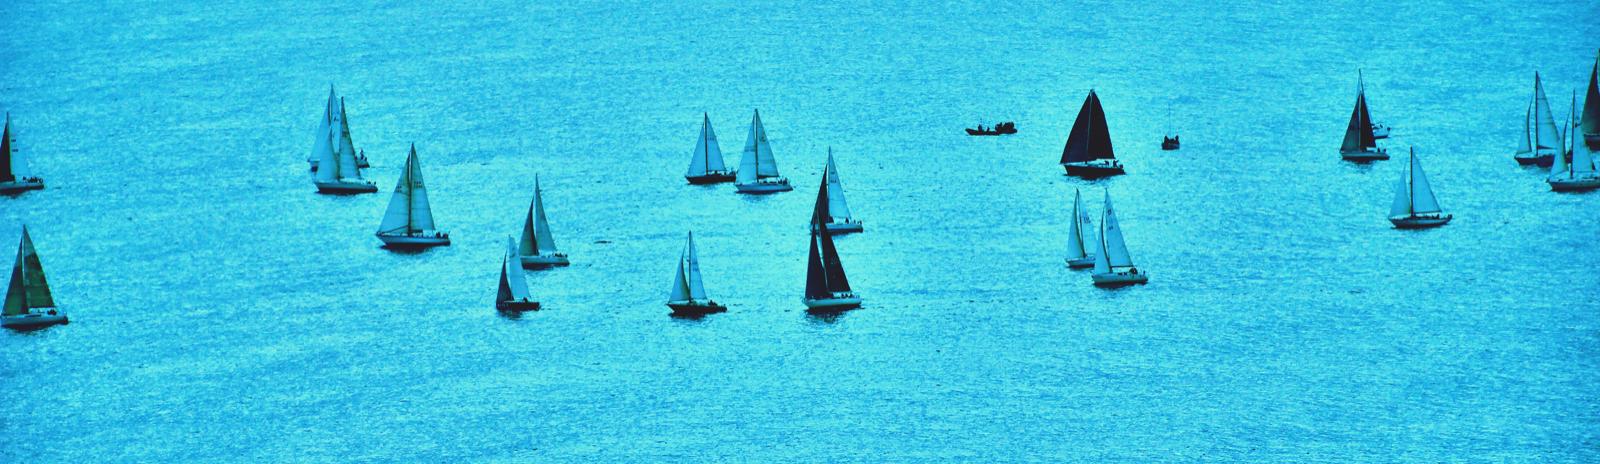 Sailing boat close up.jpeg